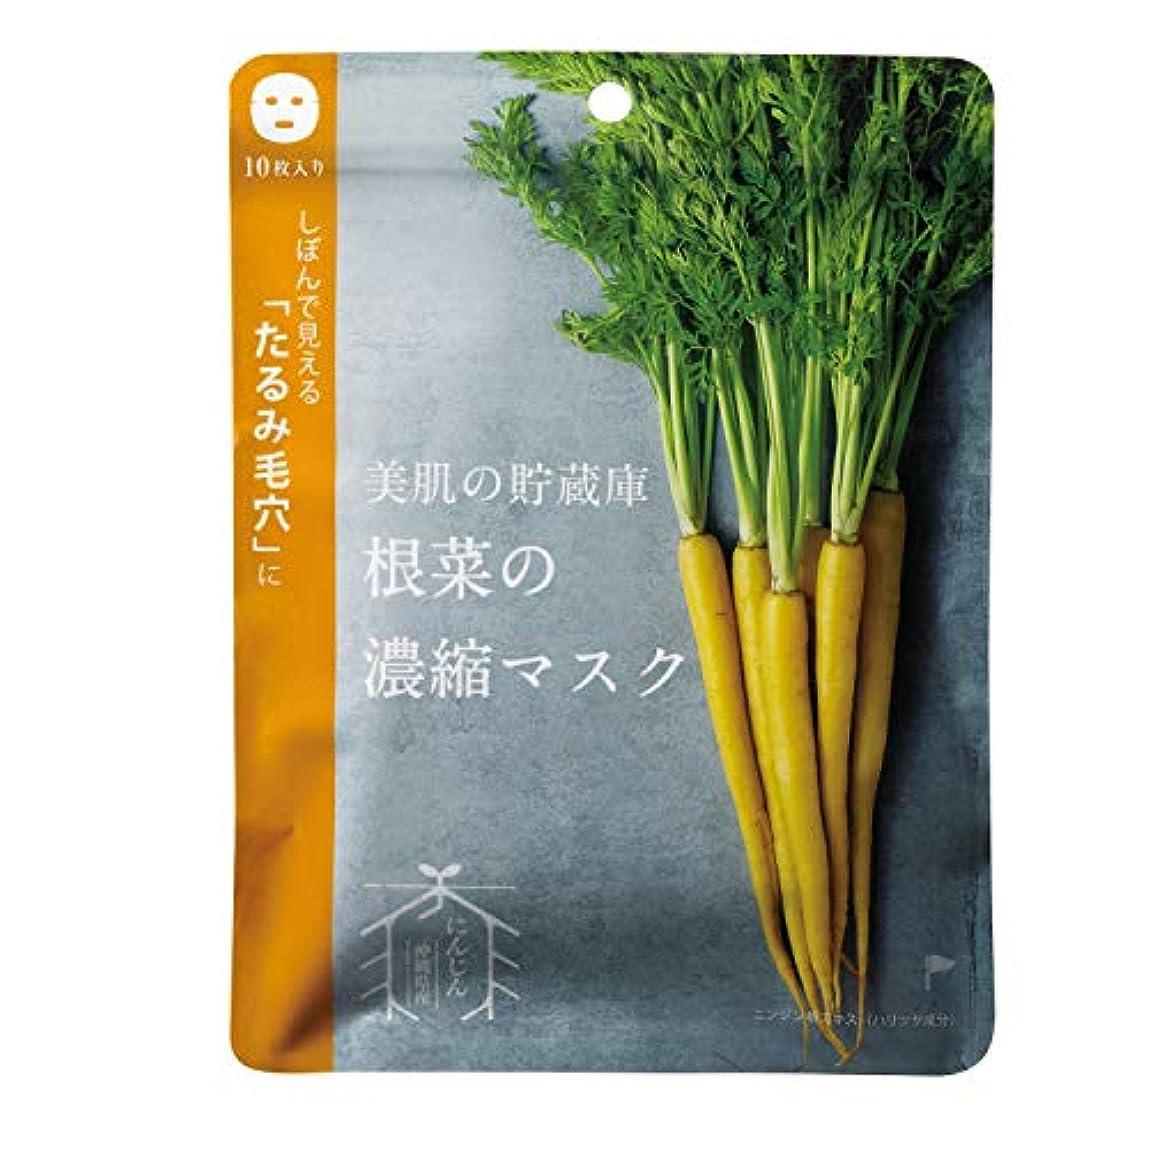 メタンあえてネズミ@cosme nippon 美肌の貯蔵庫 根菜の濃縮マスク 島にんじん 10枚 160ml